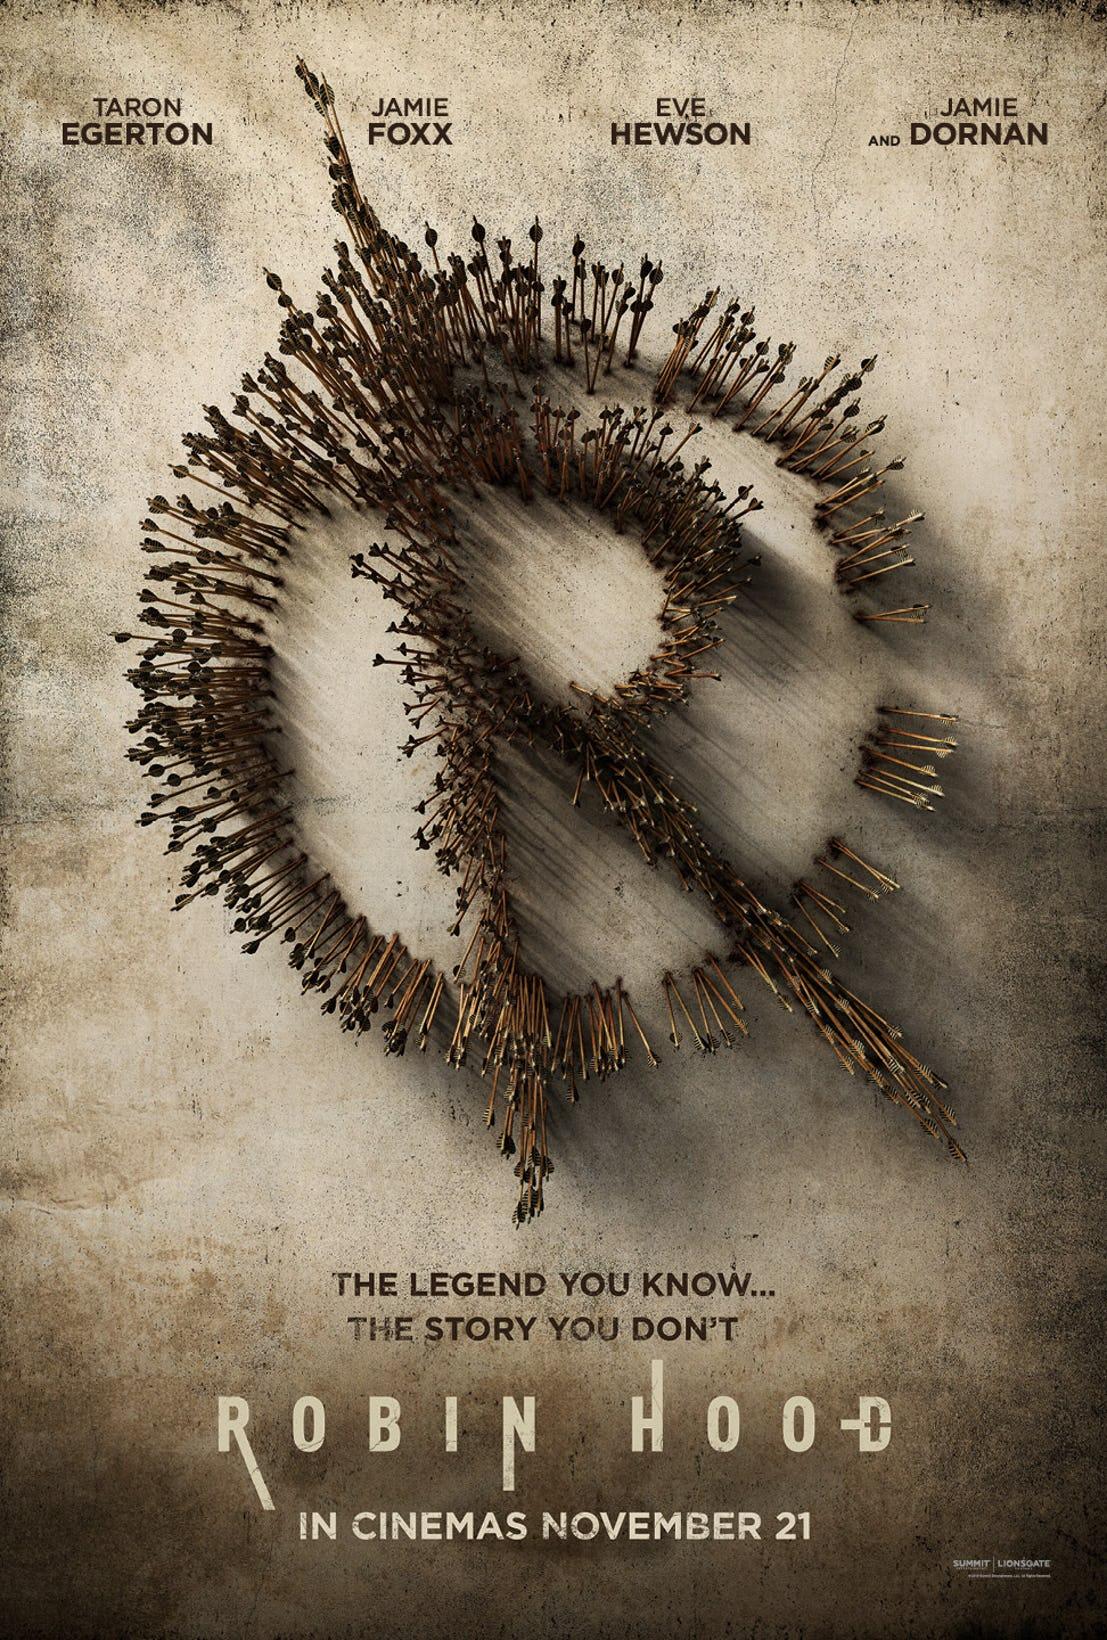 """7. Robin Hood / """"Робин Худ: Началото"""" – Екшън; Режисьор: Ото Бадхърст; Участват: Тарън Еджертън, Джейми Фокс, Бен Менделсон"""